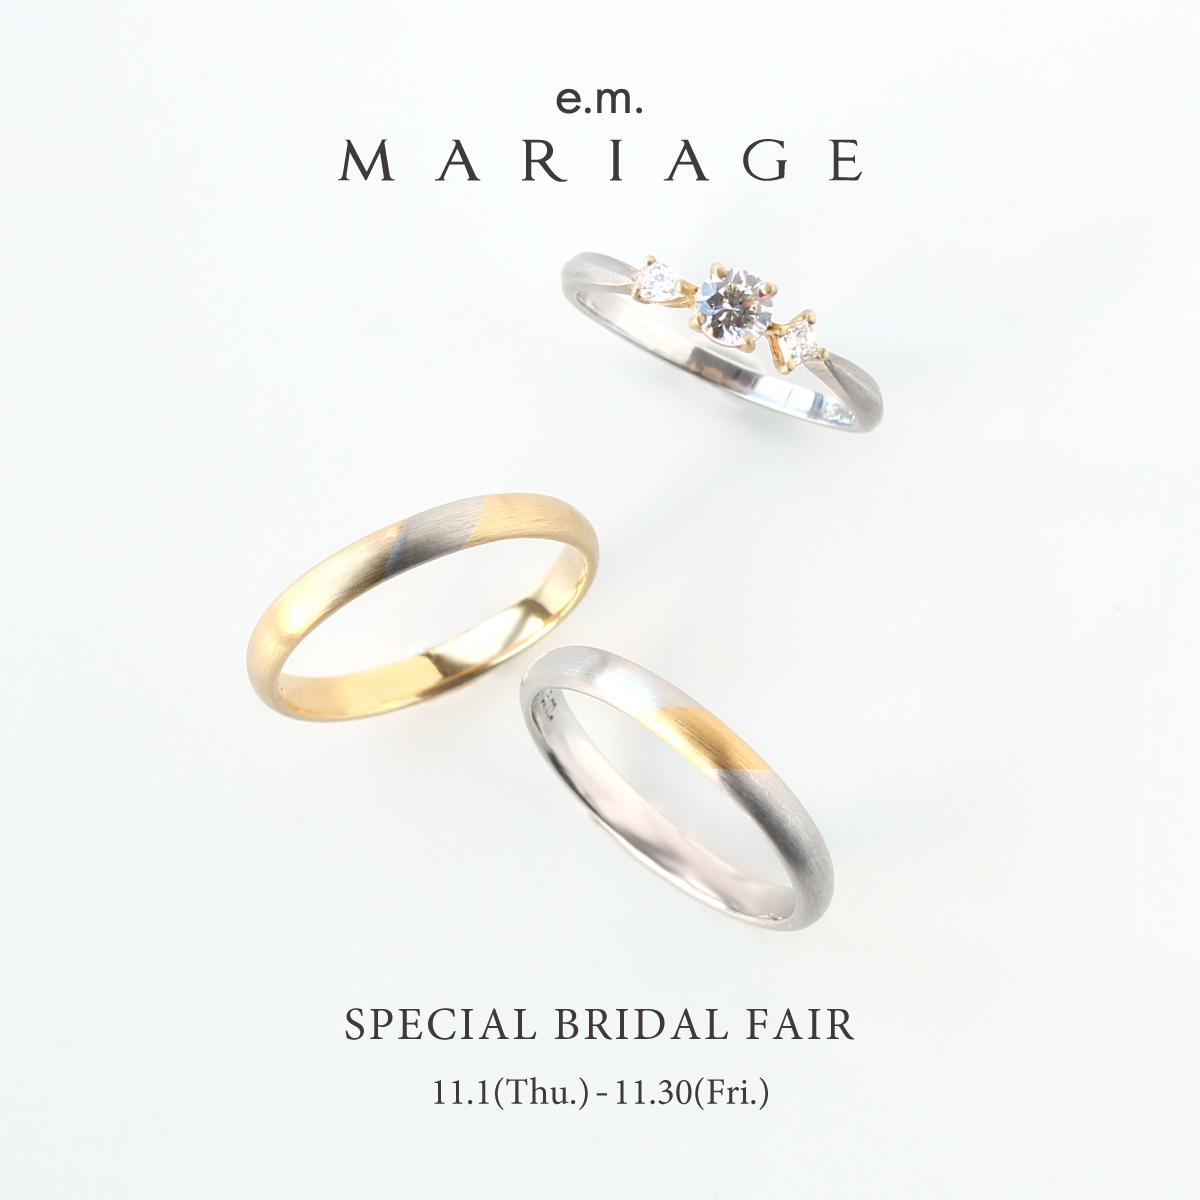 e.m.mariage_specialbridalfair_e.m.namba